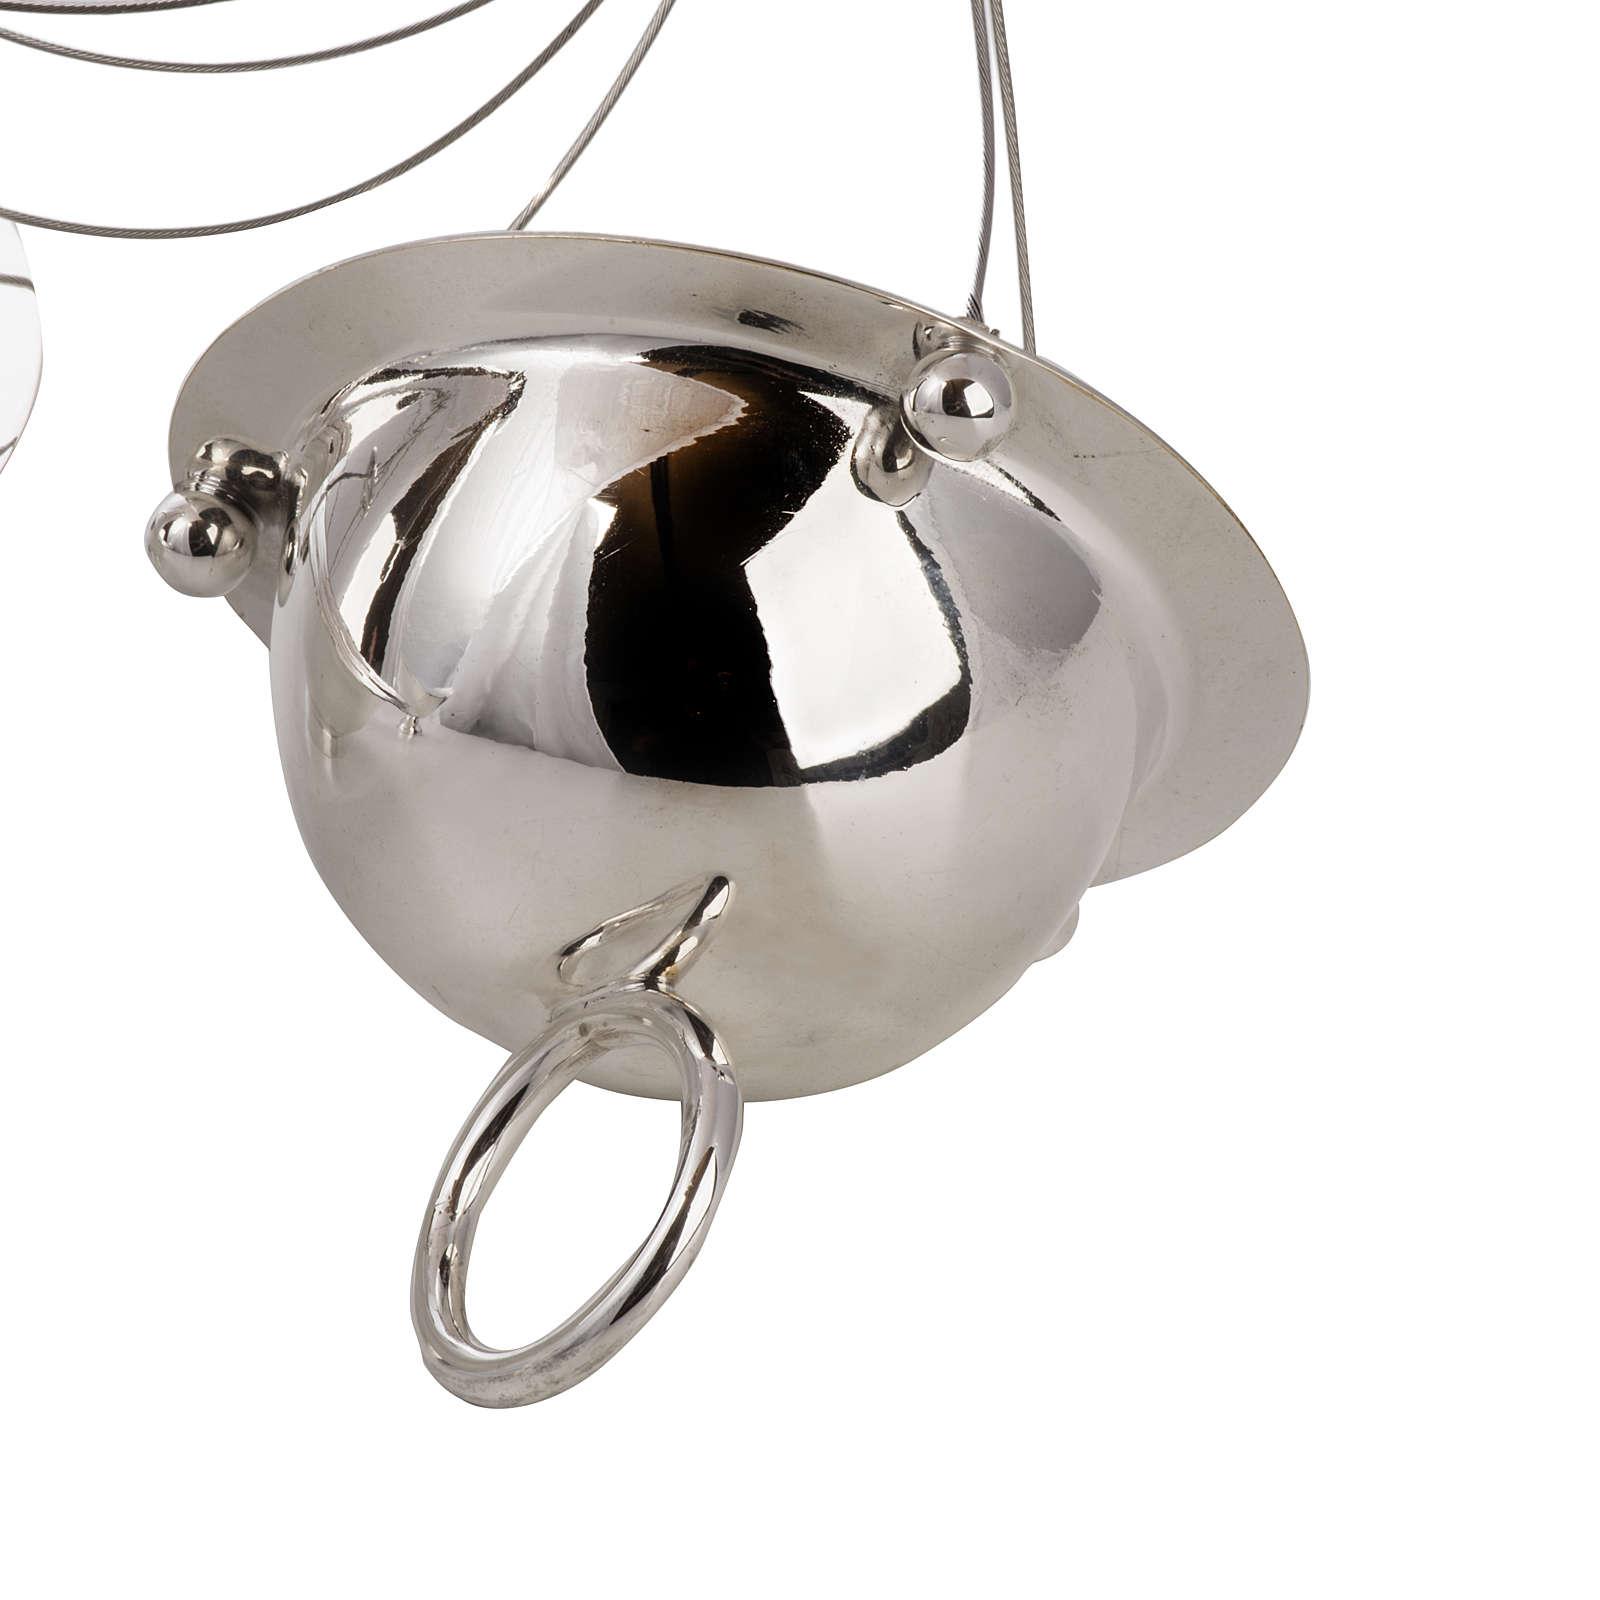 Encensoir conique et navette laiton câbles acier 3